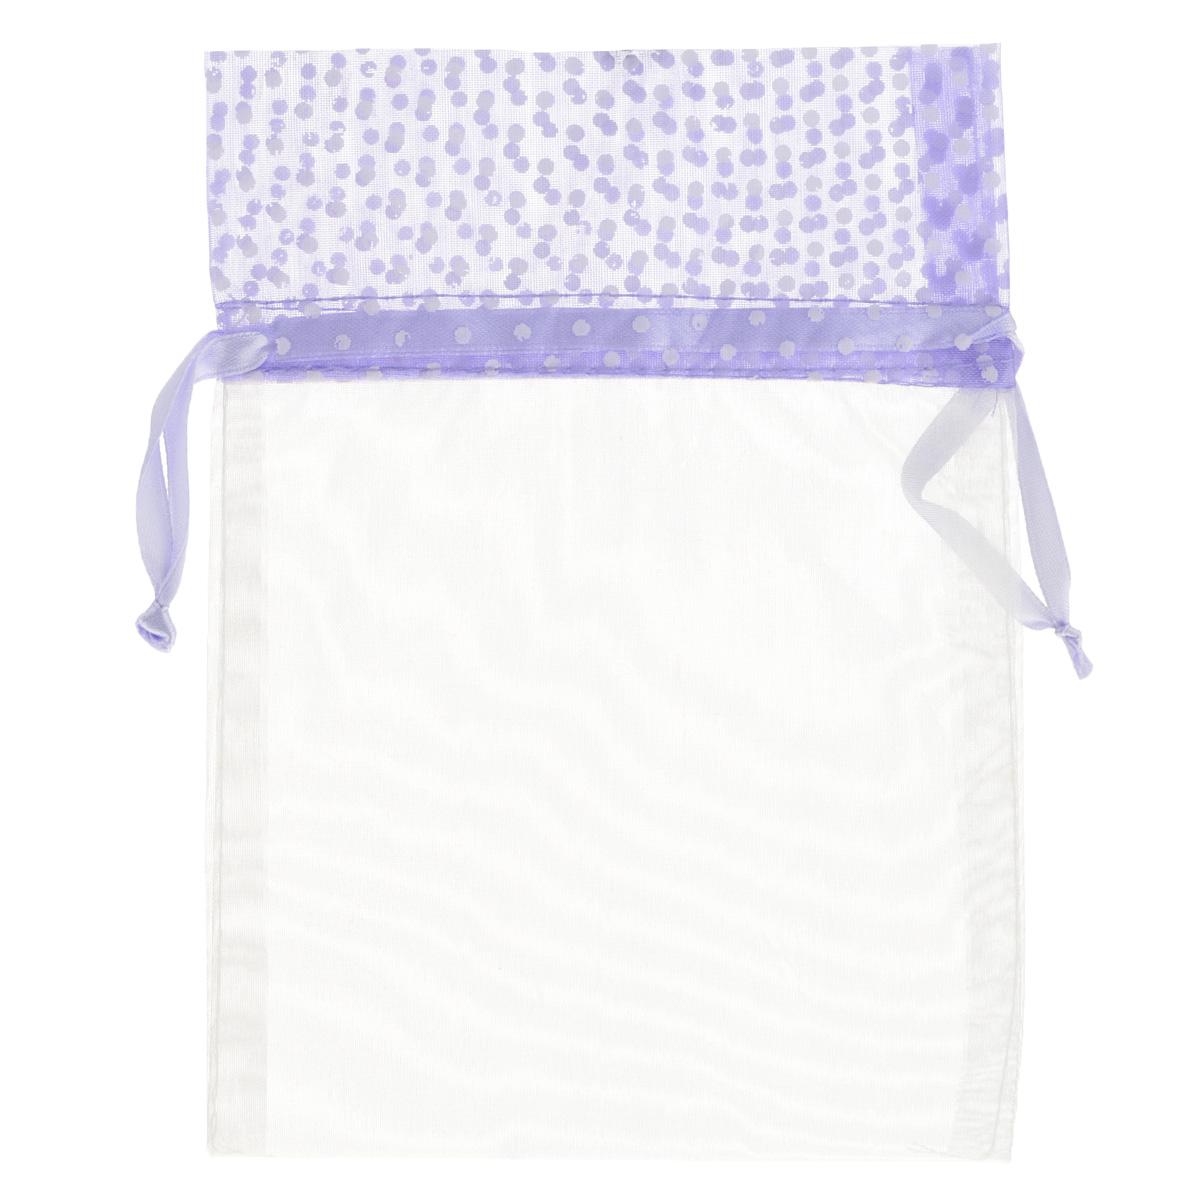 Мешочек подарочный Home Queen Светозарный, цвет: фиолетовый, 13 см х 18 см64491_8Подарочный мешочек Home Queen Светозарный, выполненный из полупрозрачного полиэстера, оформлен рисунком в горох. Изделие имеет шнурок, потянув за два конца которого, можно закрыть мешочек. Для удобства переноски можно использовать концы шнурка как ручки. Подарок, преподнесенный в оригинальной упаковке, всегда будет самым эффектным и запоминающимся. Окружите близких людей вниманием и заботой, вручив презент в нарядном, праздничном оформлении.